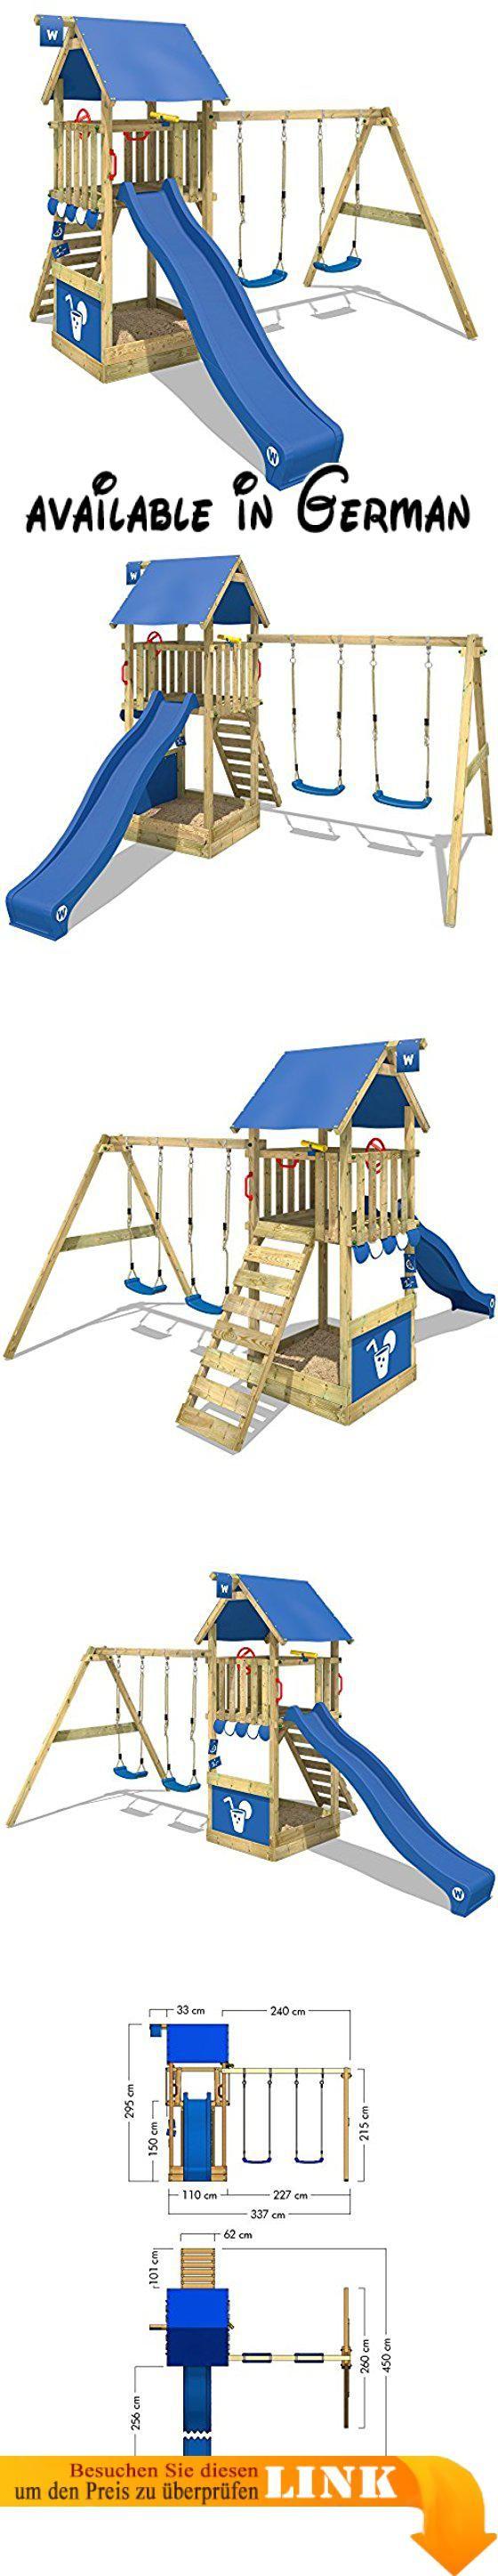 WICKEY Kletterturm Smart Shelter Spielturm mit Schaukel und Rutsche ...